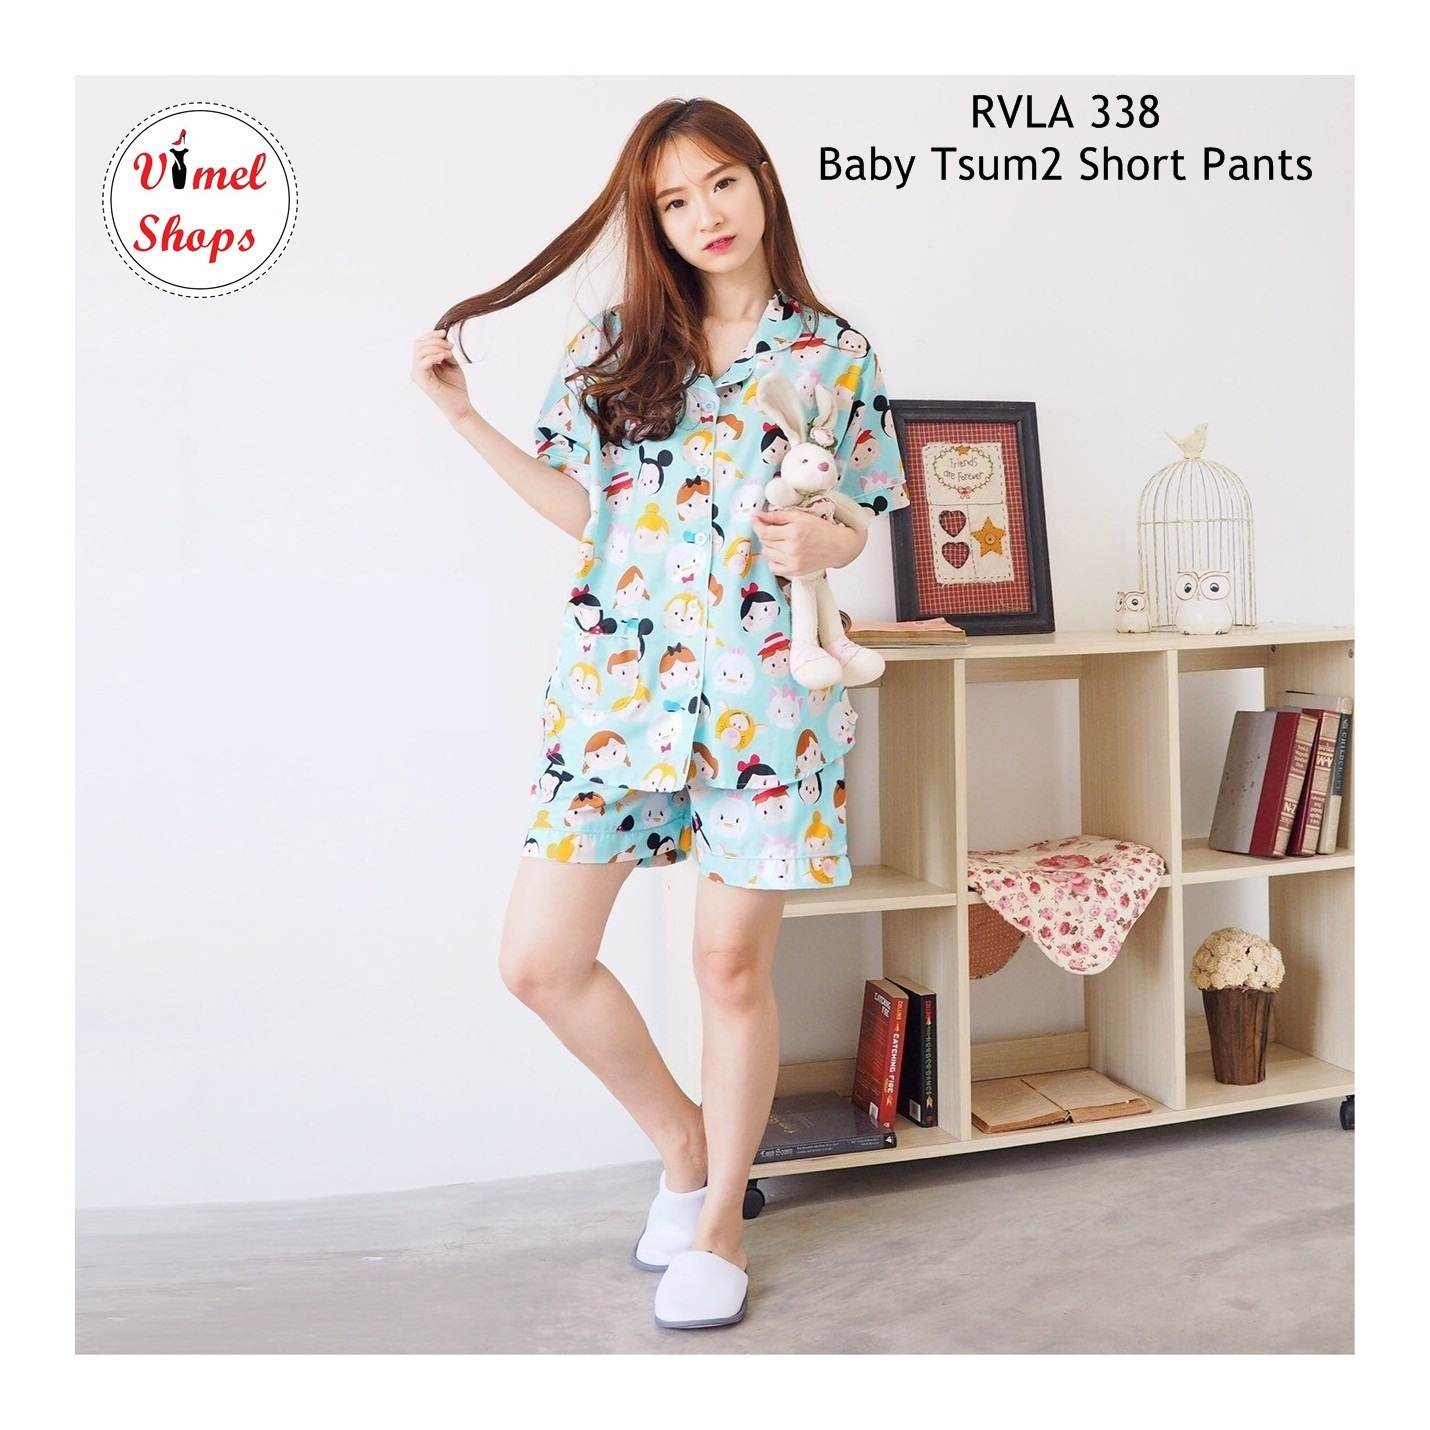 Baby Tsum2 Pajamas PENDEK - Baju Tidur - Piyama